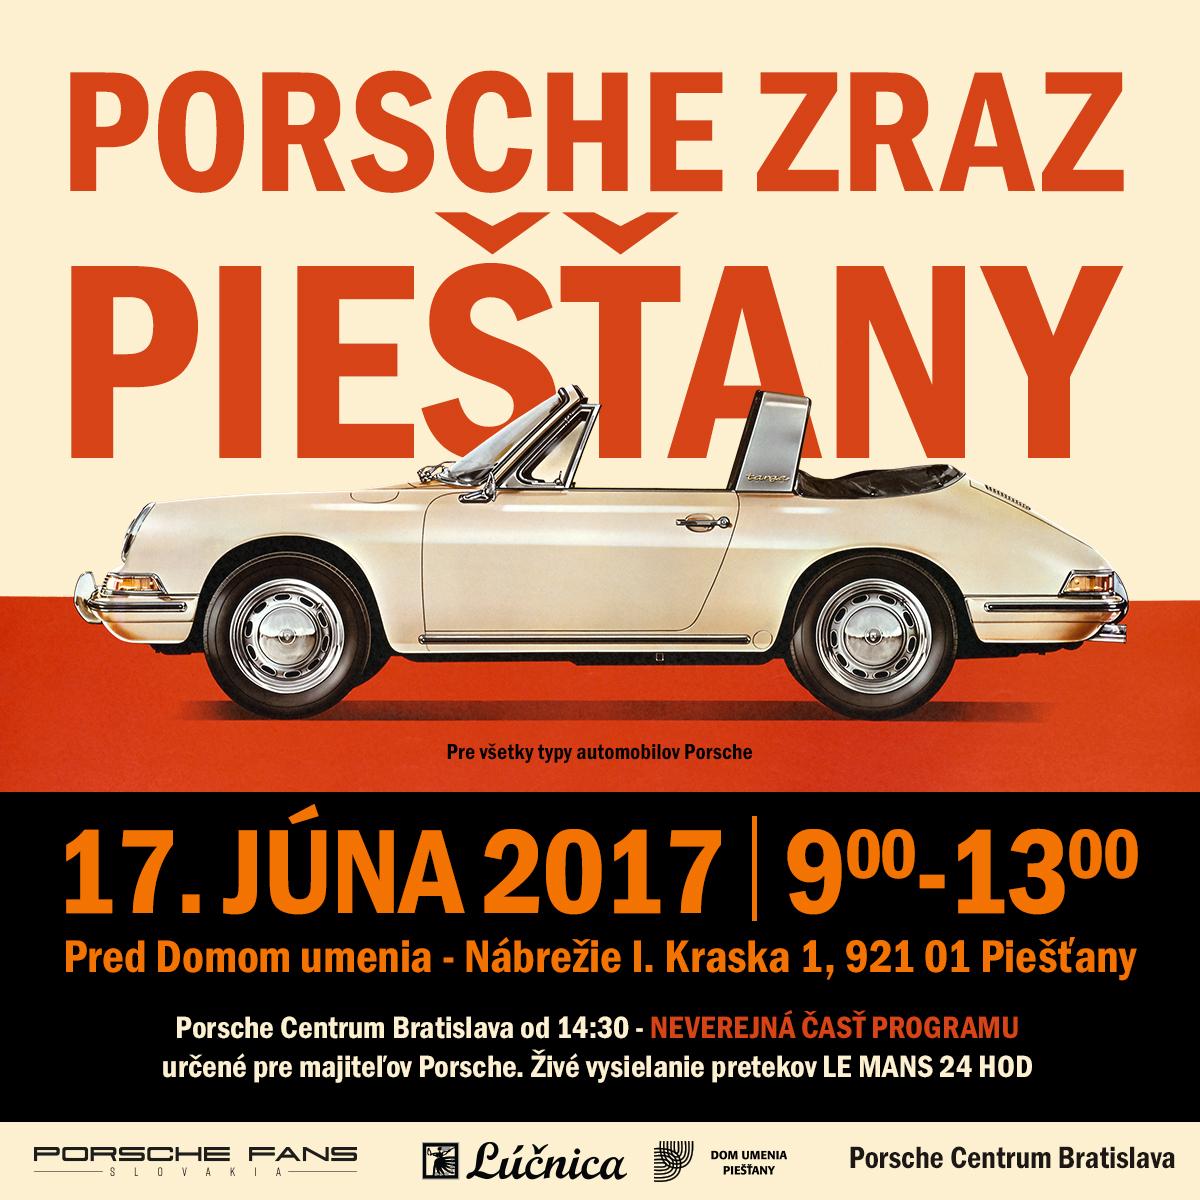 Porsche Zraz Piešťany